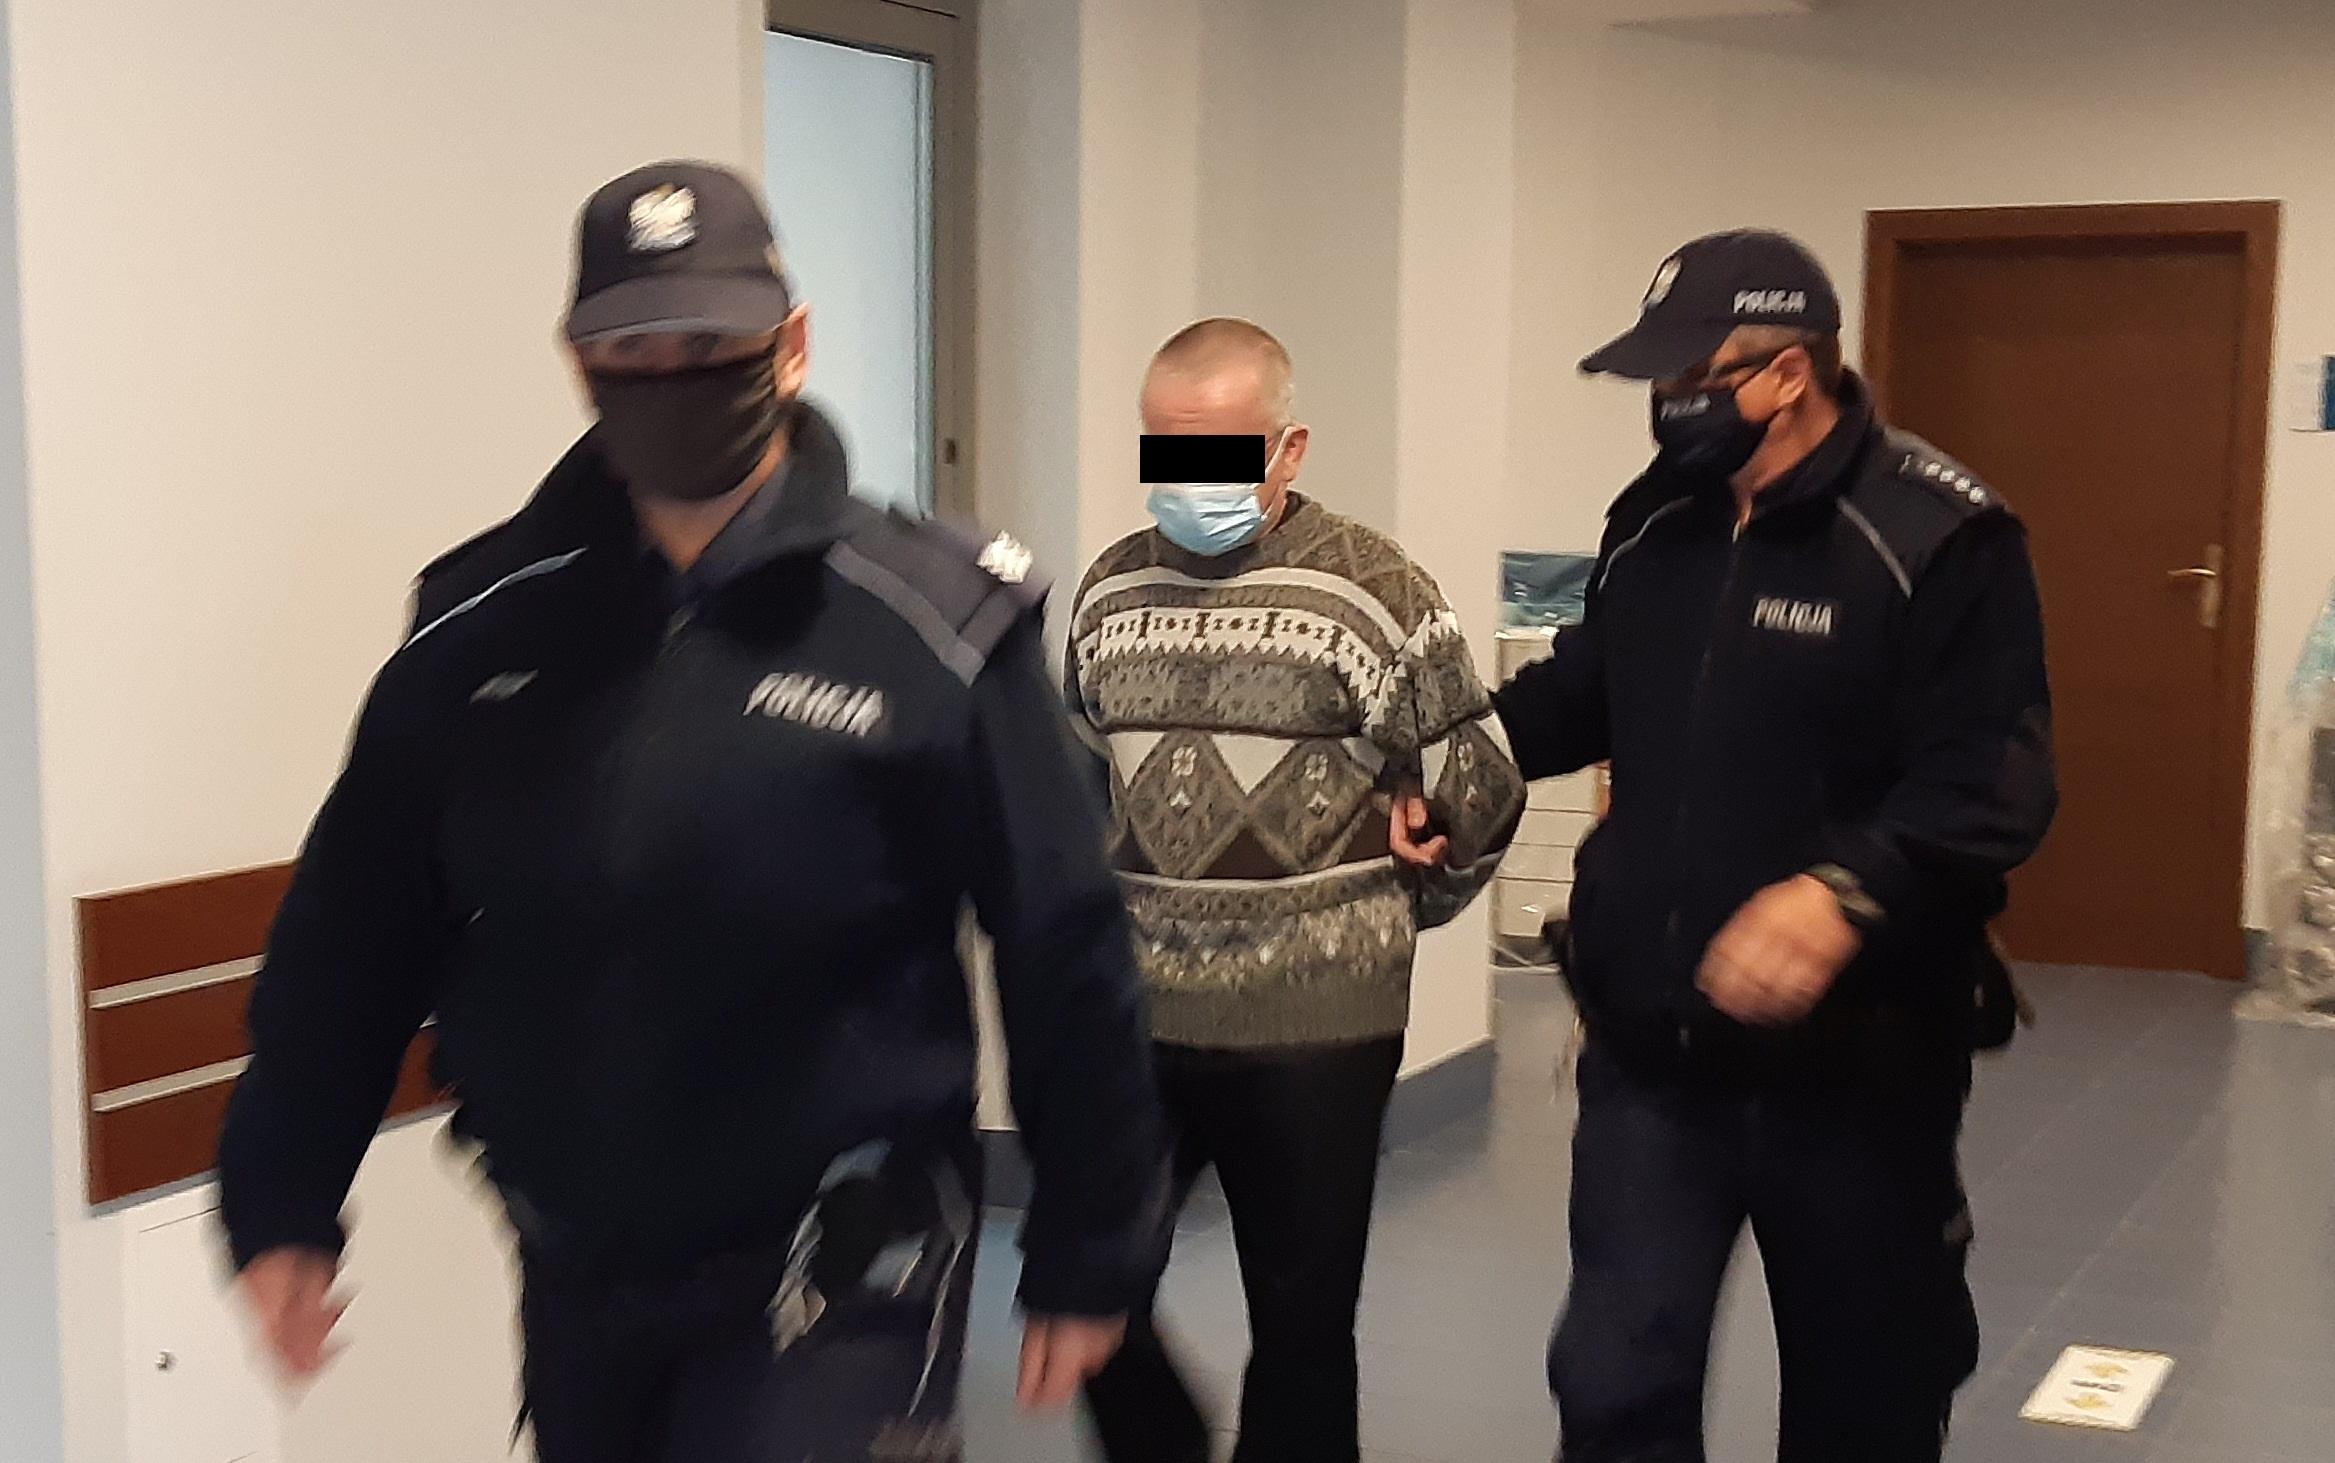 Sąd uchylił wyrok dla księdza Tomasza F. oskarżonego o pedofilię  - Zdjęcie główne